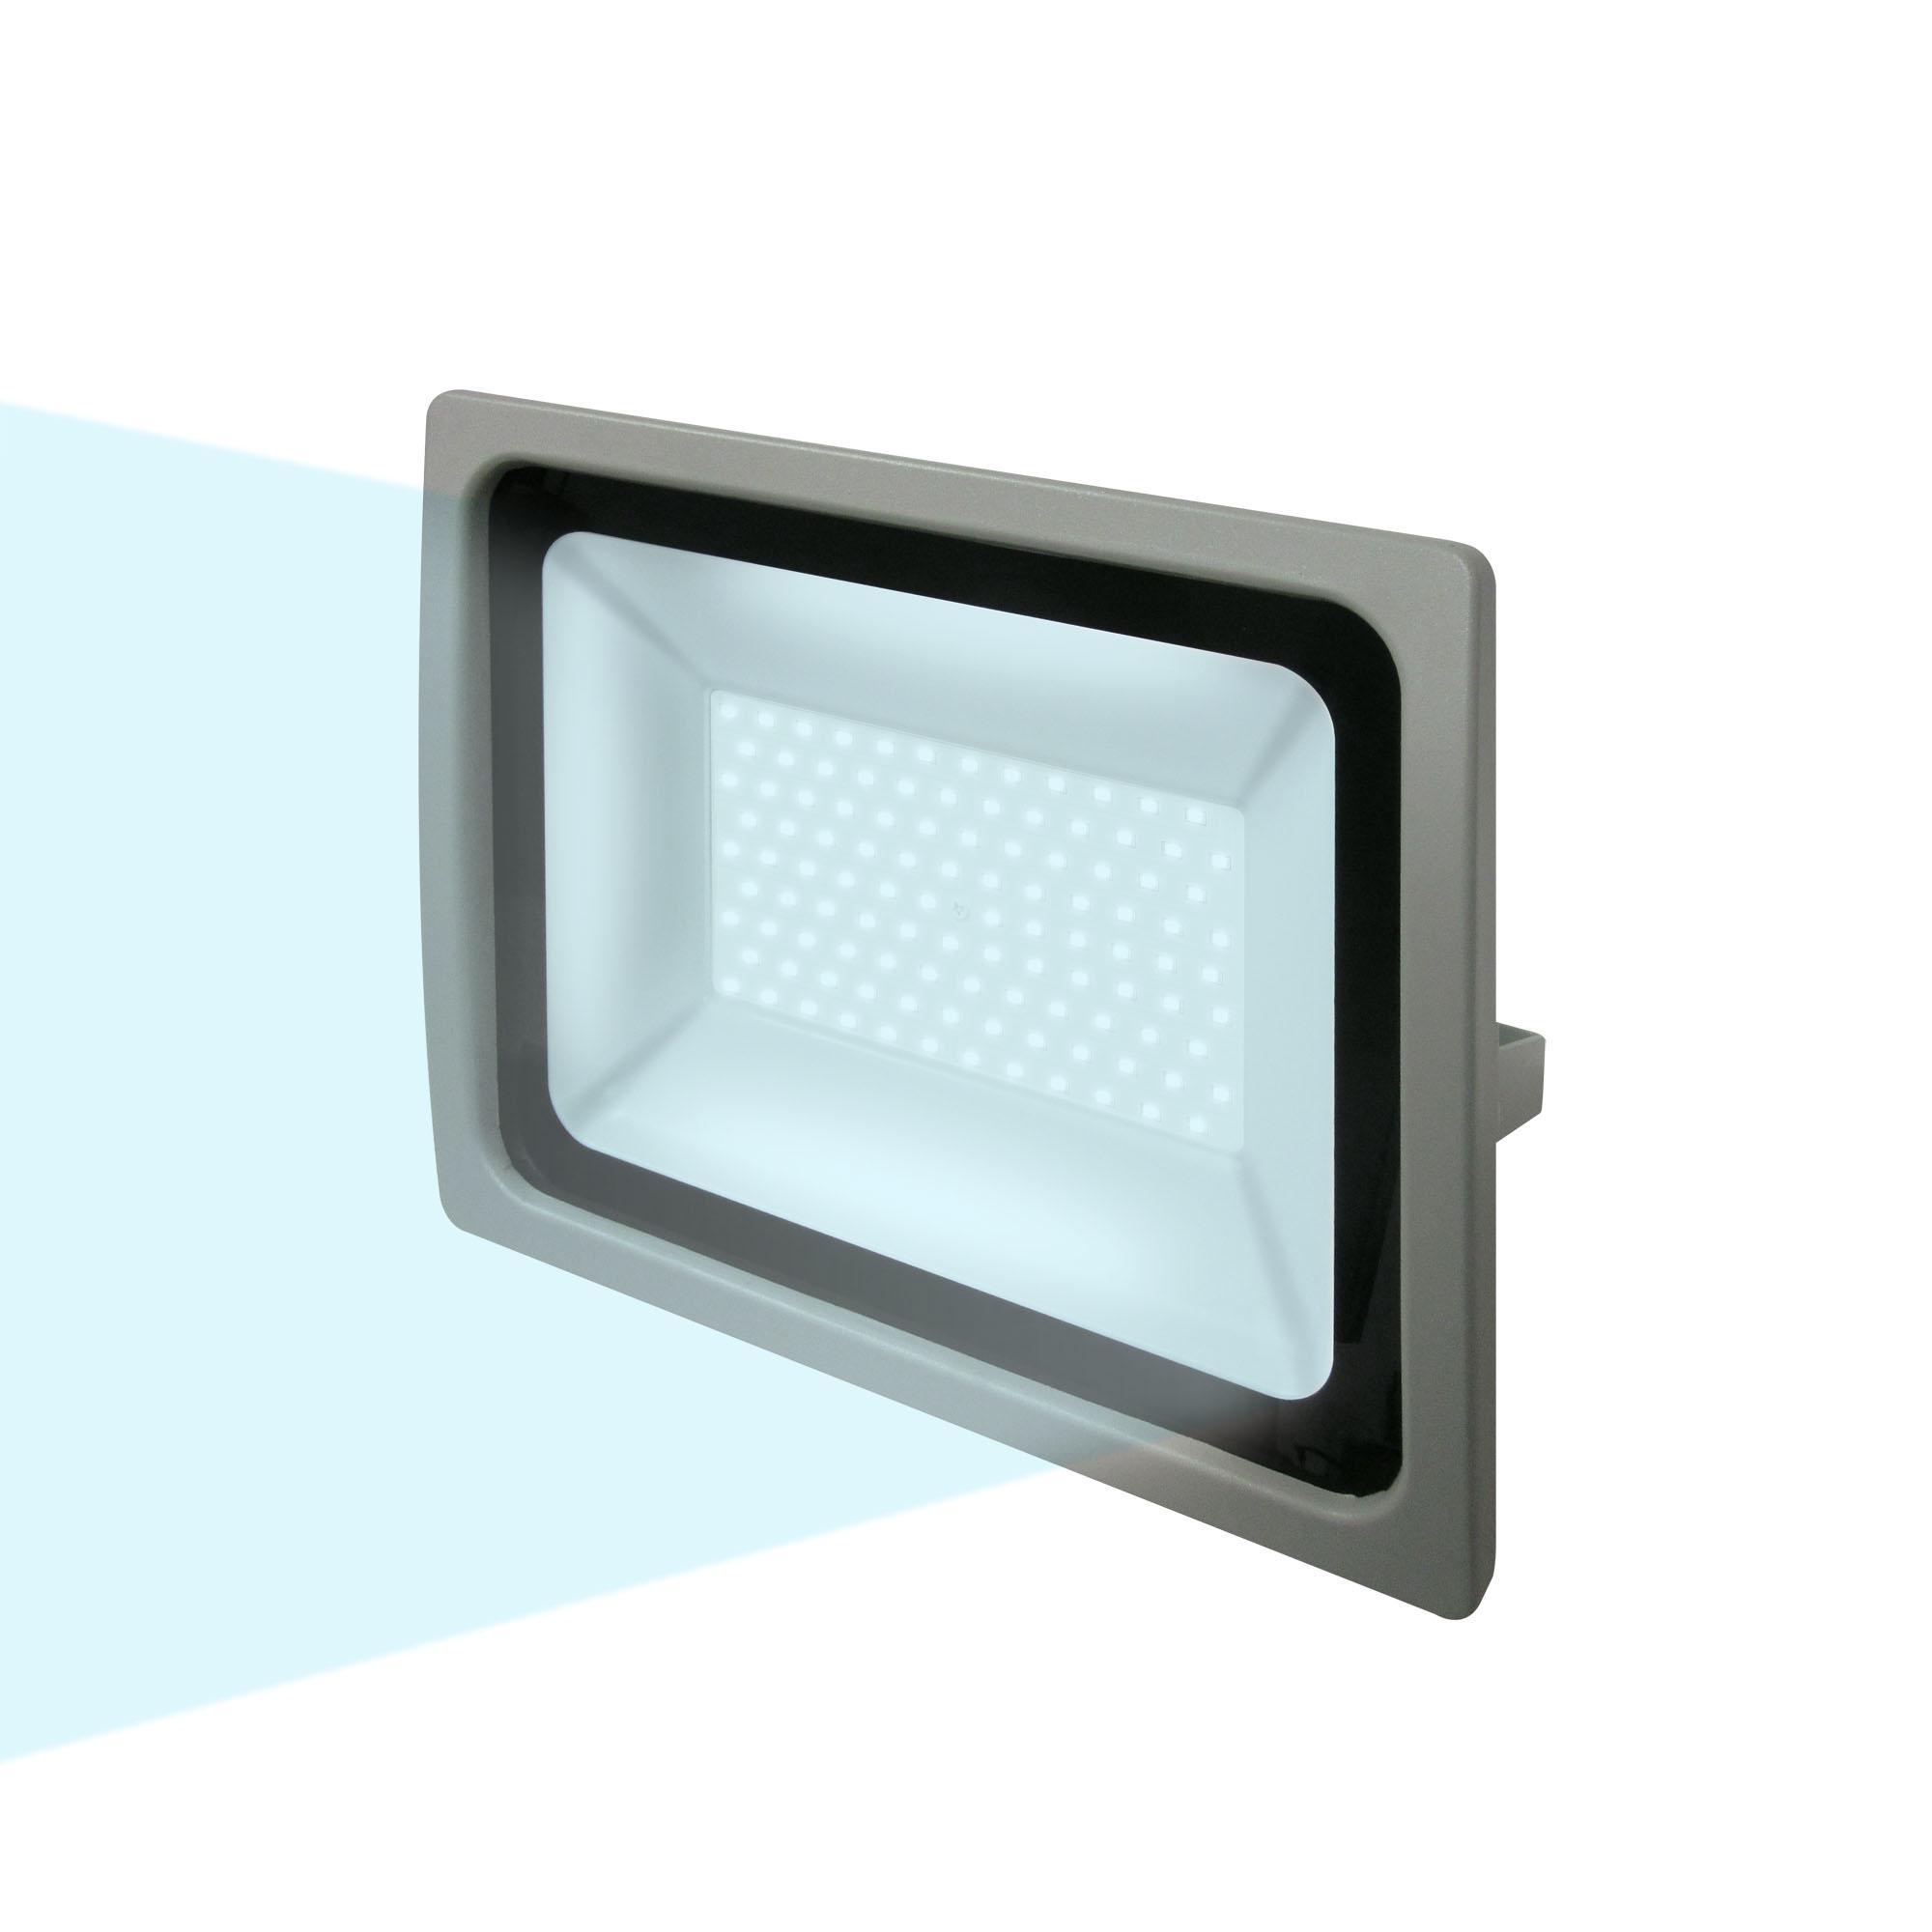 Прожектор светодиодный Uniel Ulf-f16-100w/dw